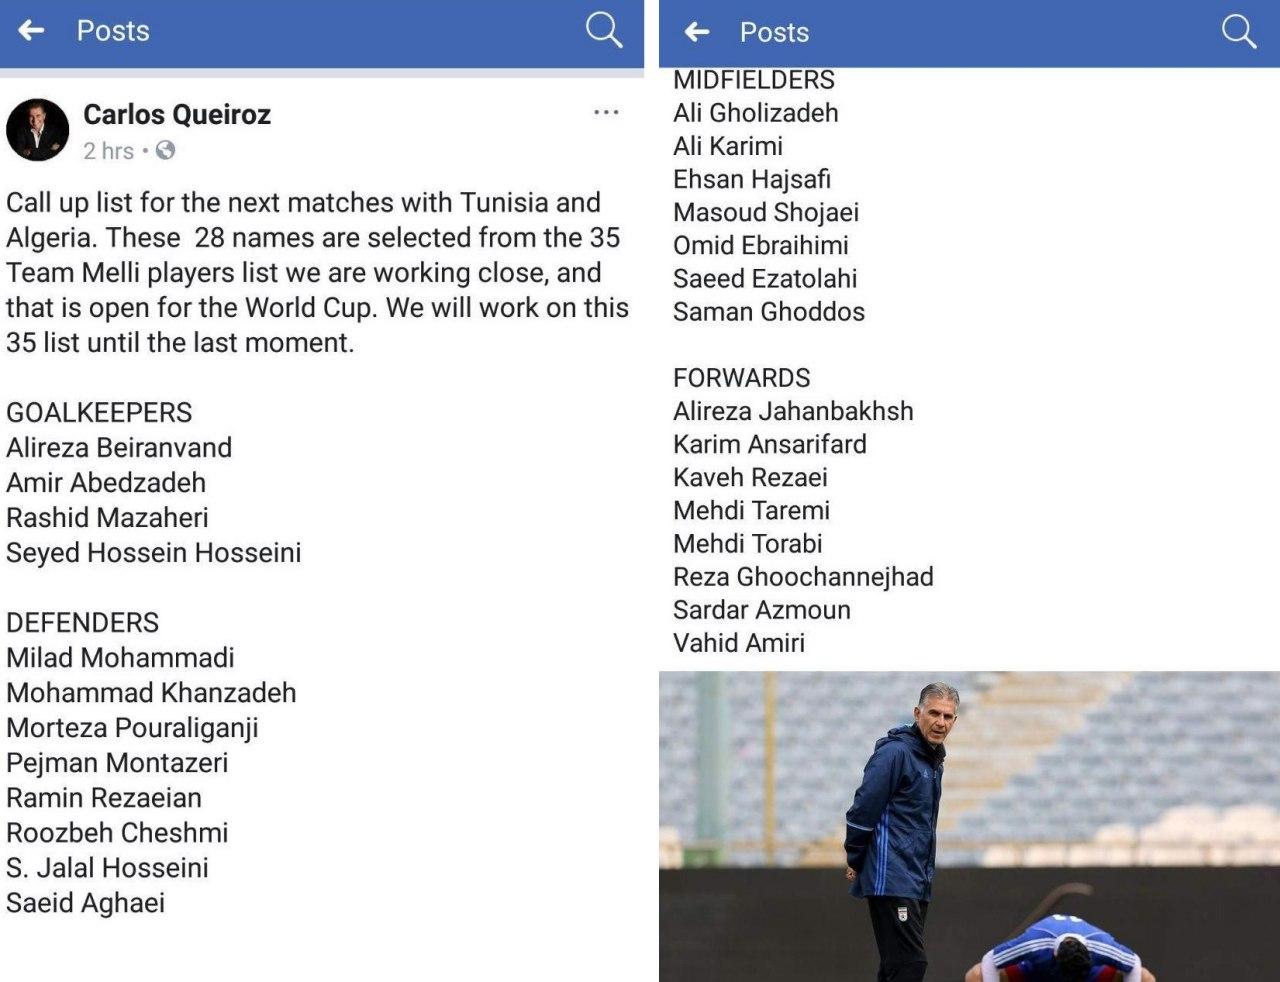 کیروش اسامی بازیکنان تیم ملی را برای دو بازی دوستانه تونس و الجزایر را اعلام کرد